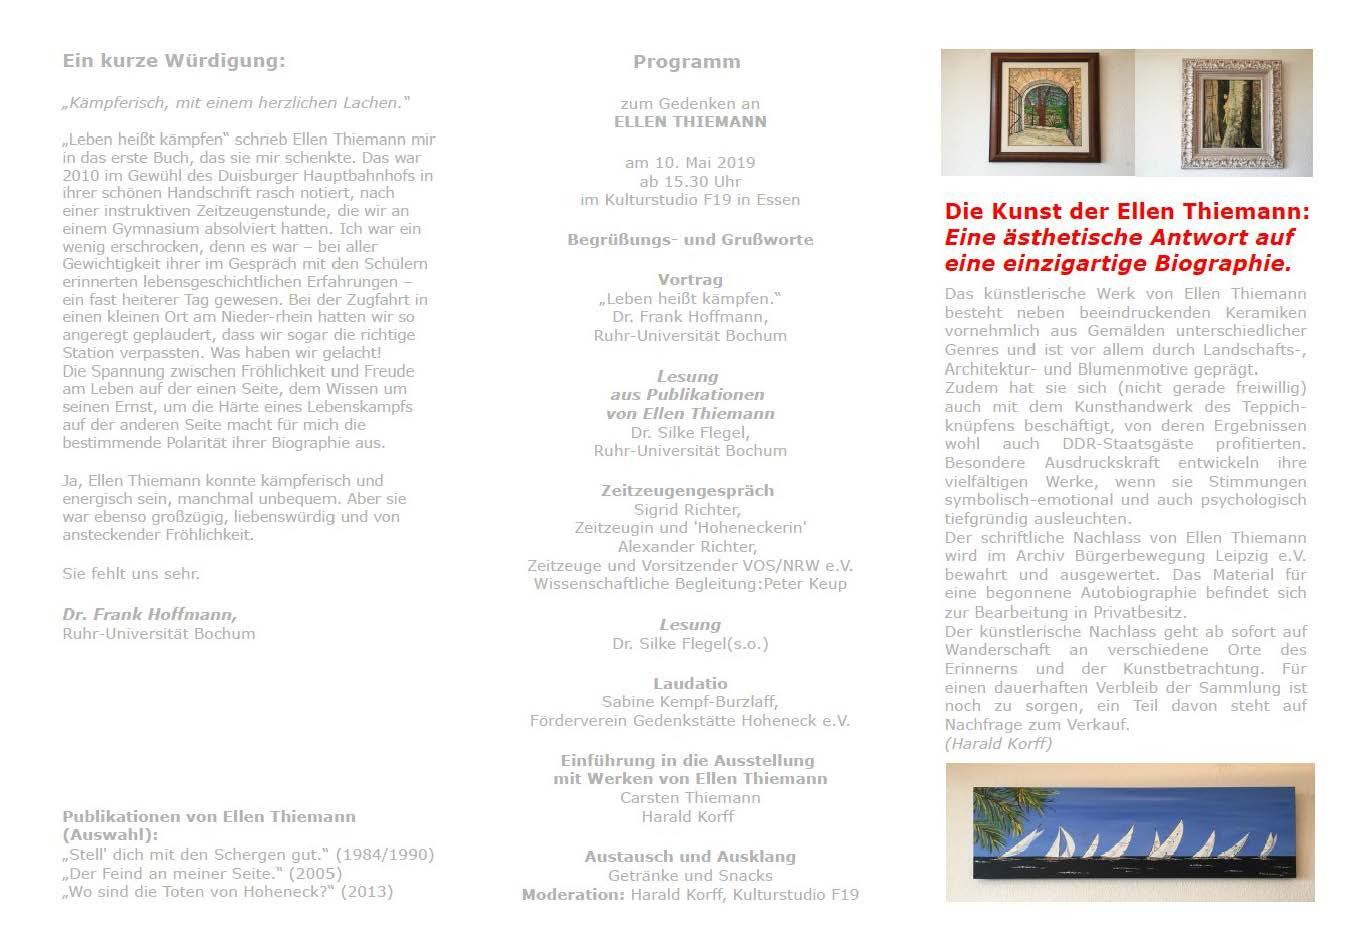 F19_Flyer_Gedenken_Ellen_Thiemann (1)_Seite_2